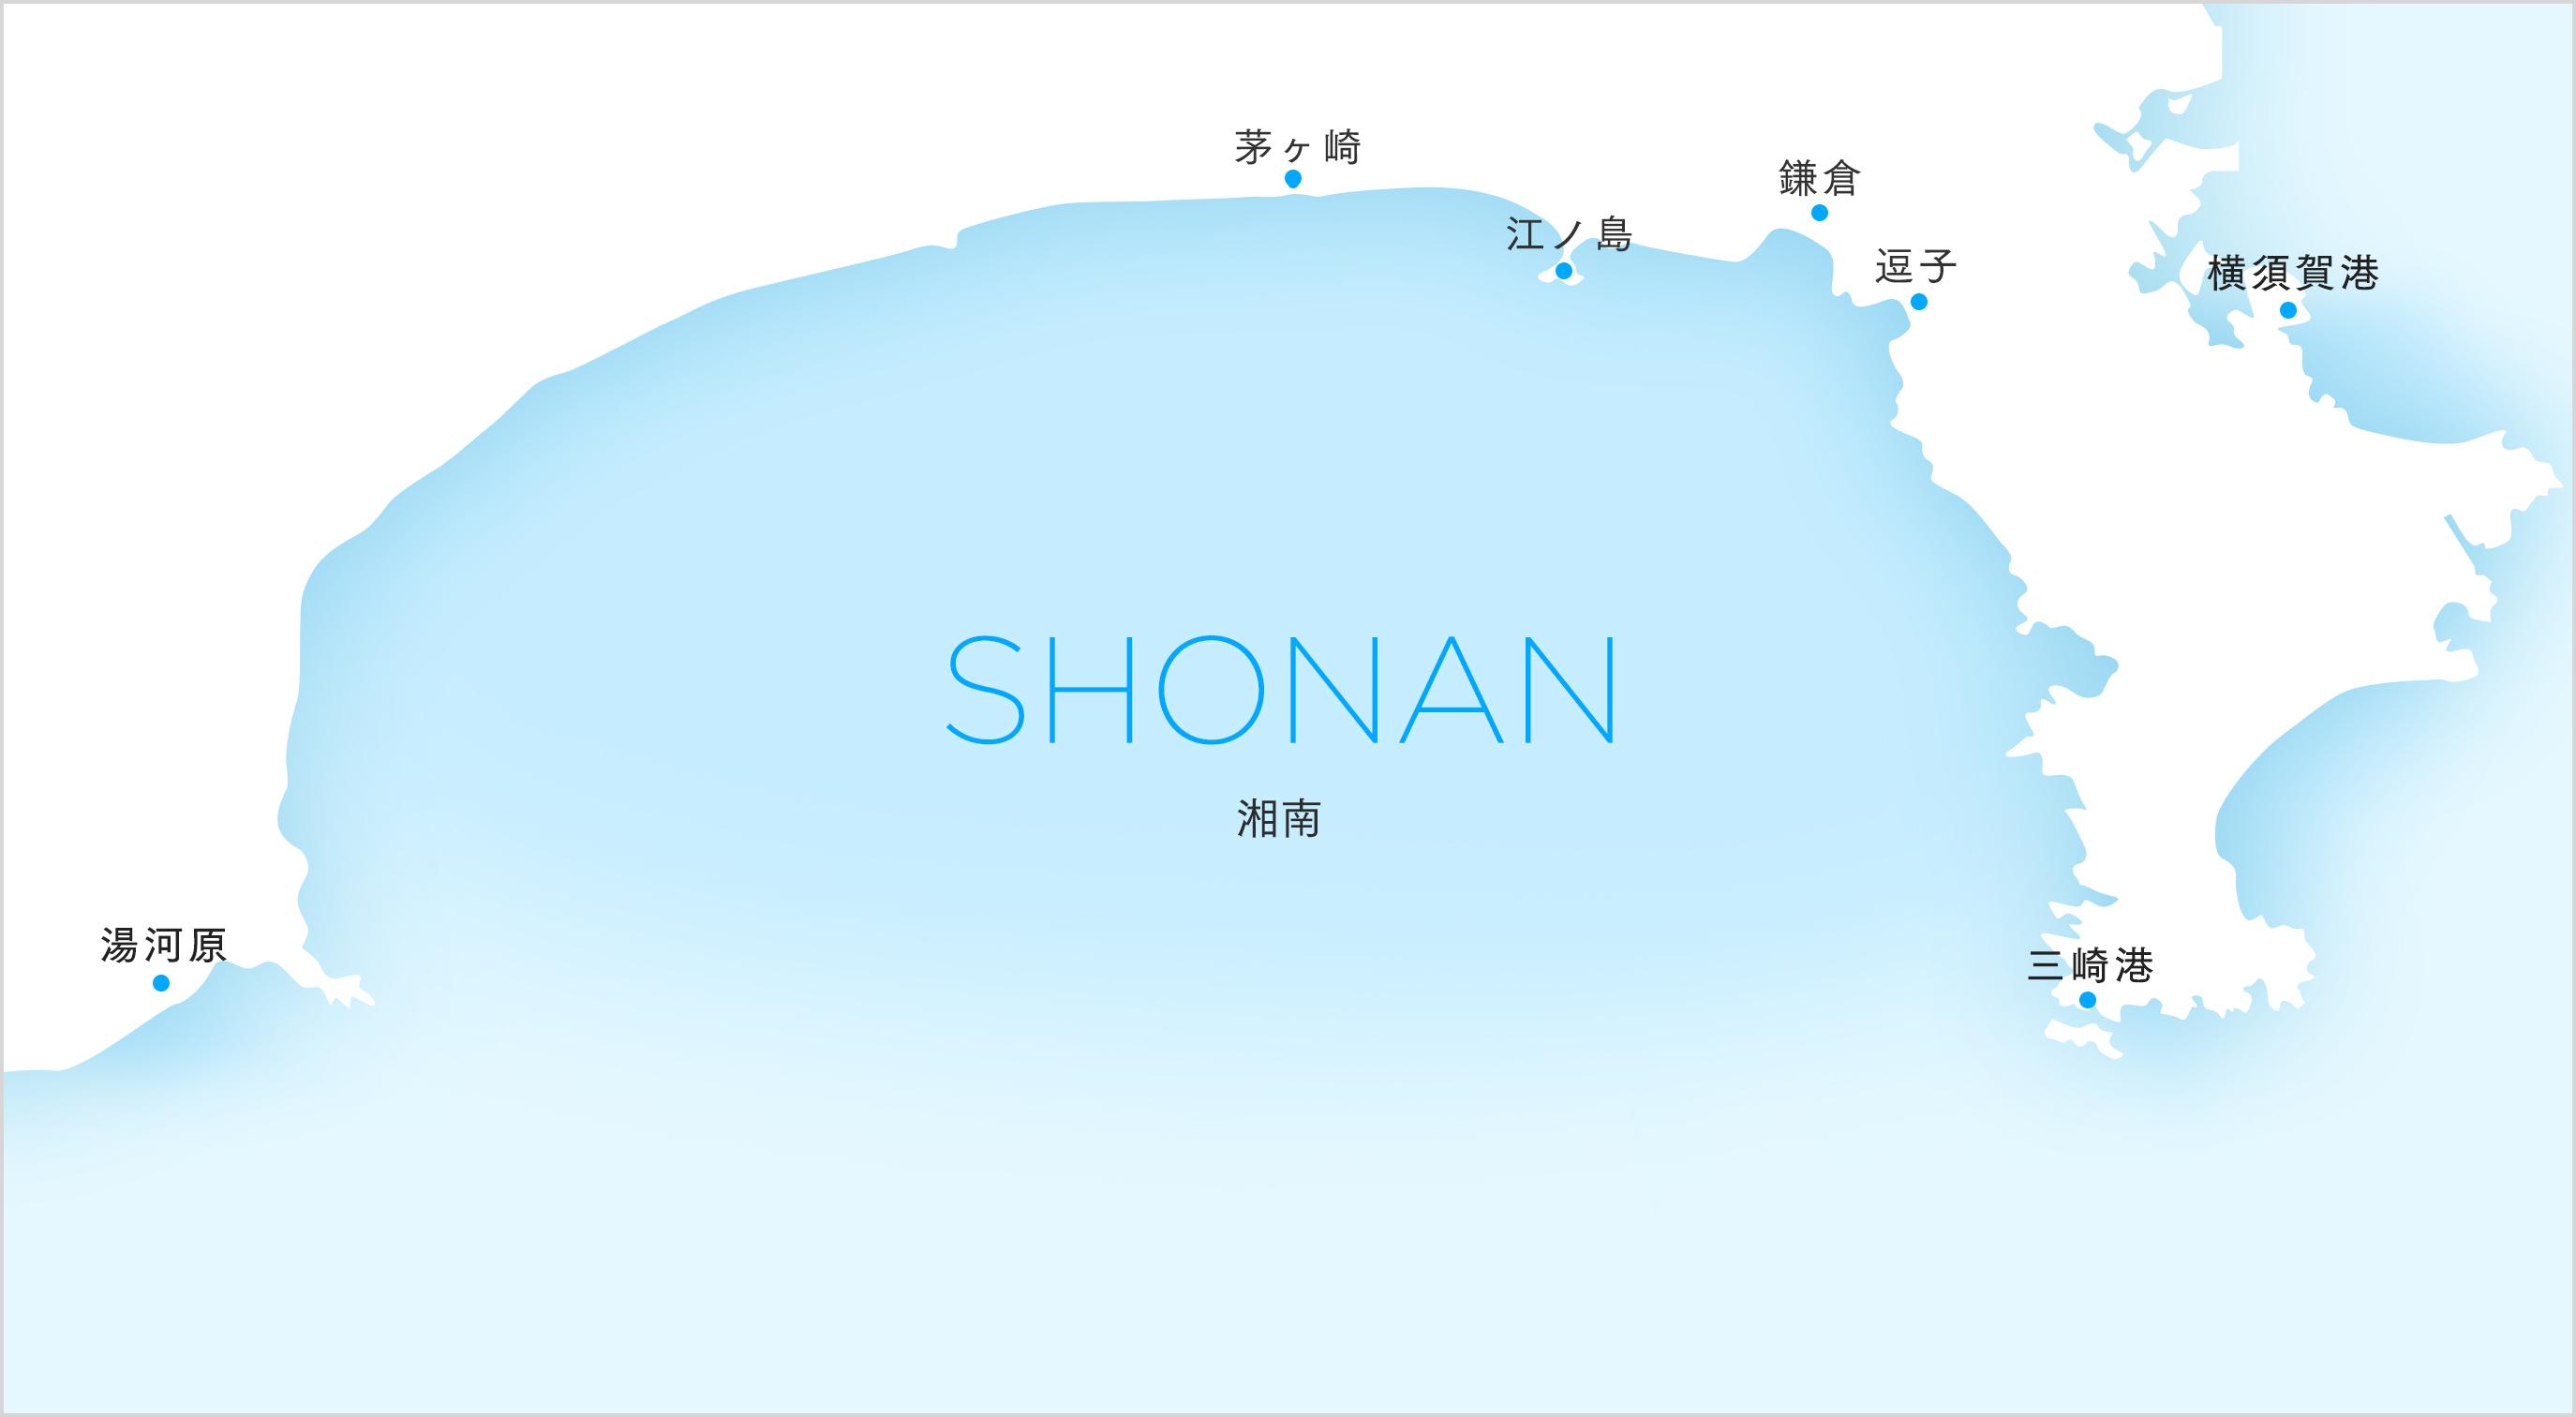 マジか!!!神奈川県、県の沿岸地域全てを「SHONAN」と命名